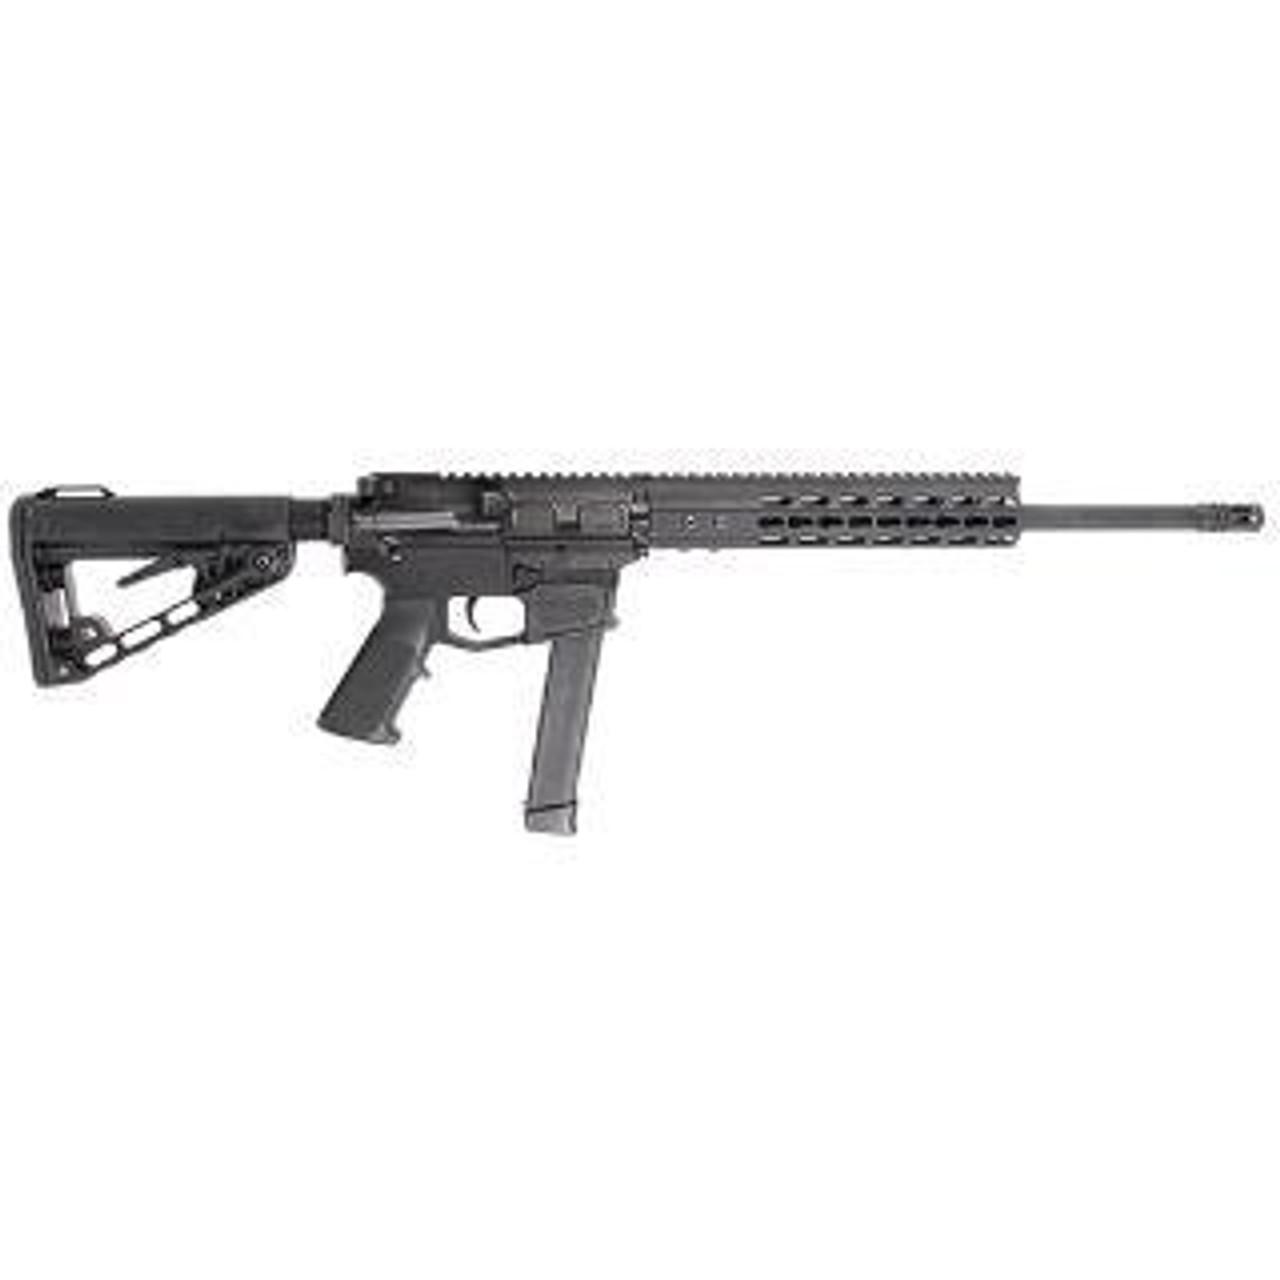 ATI MIL-SPORT RFL Carbine CALIFORNIA LEGAL-9mm(glock Mag)